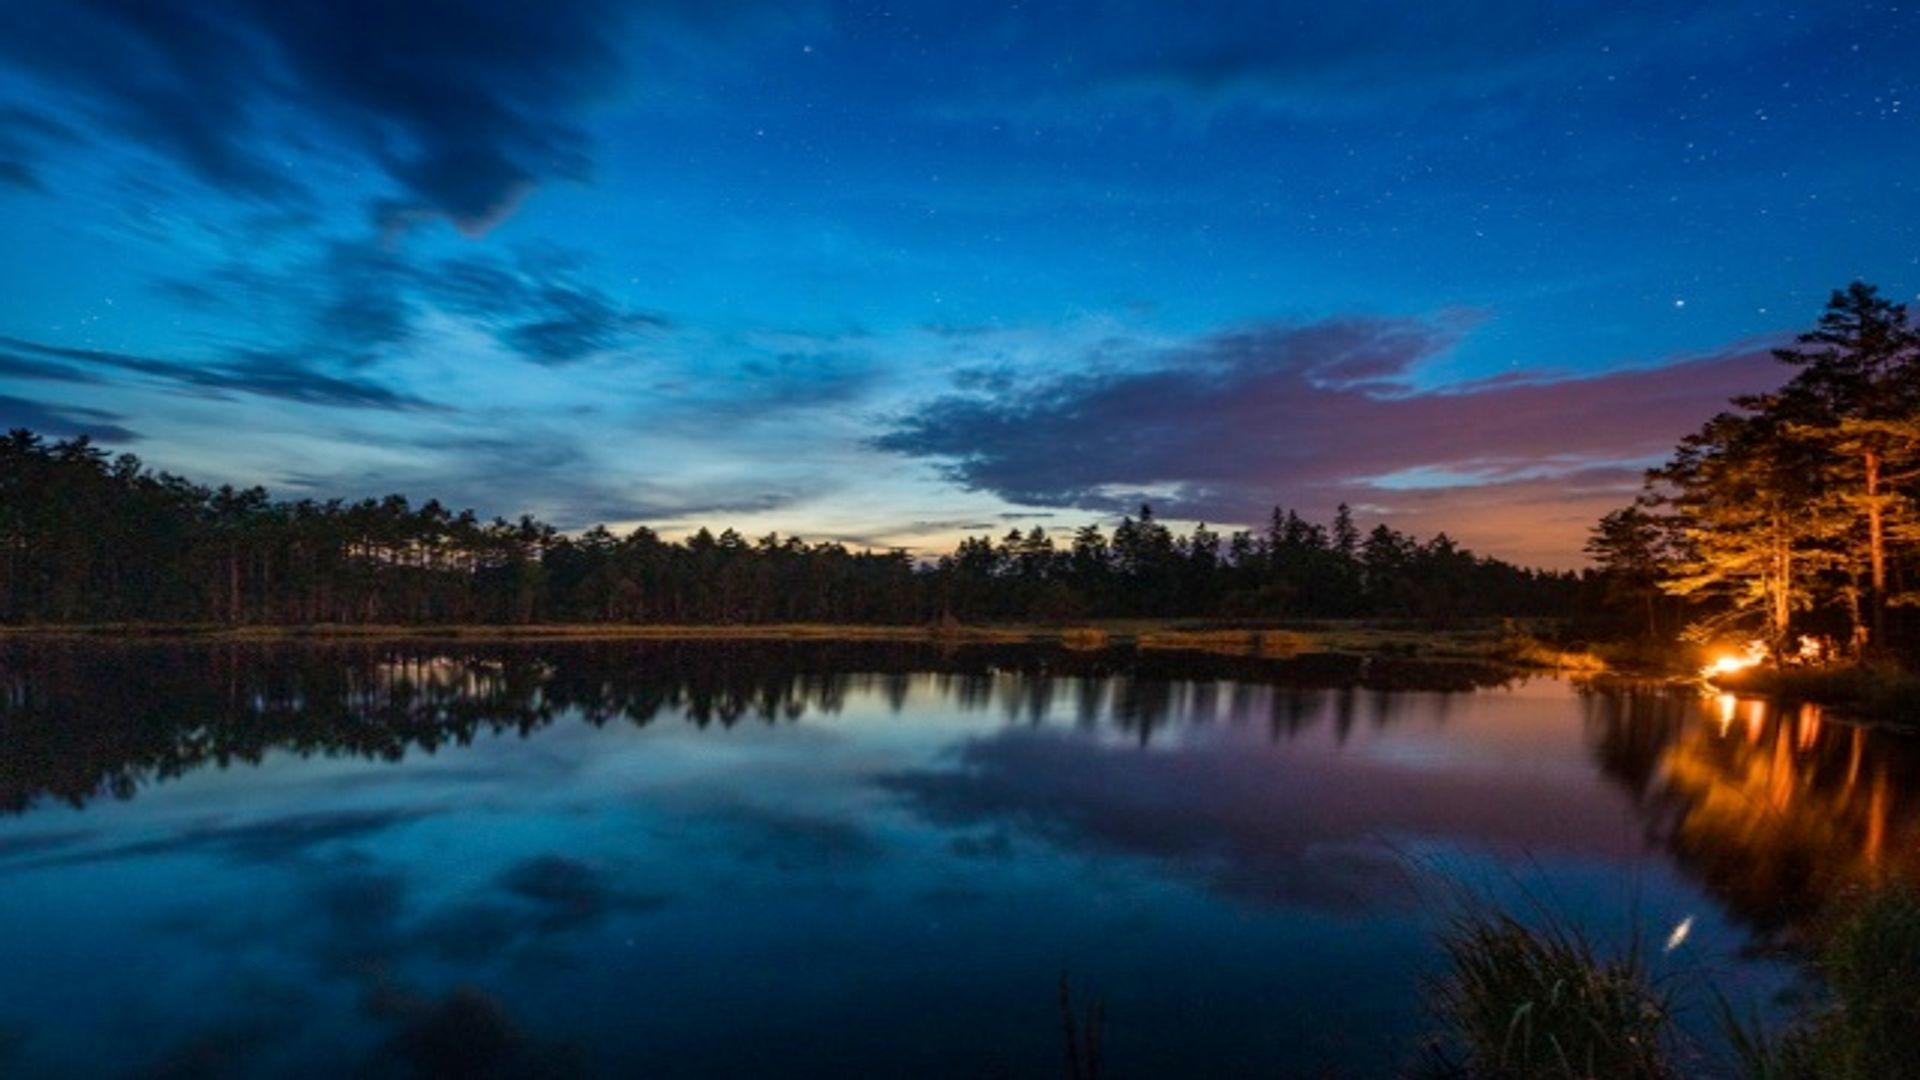 Utsikt över en vacker sjö i mörker. Fotograf: Marcus Westberg